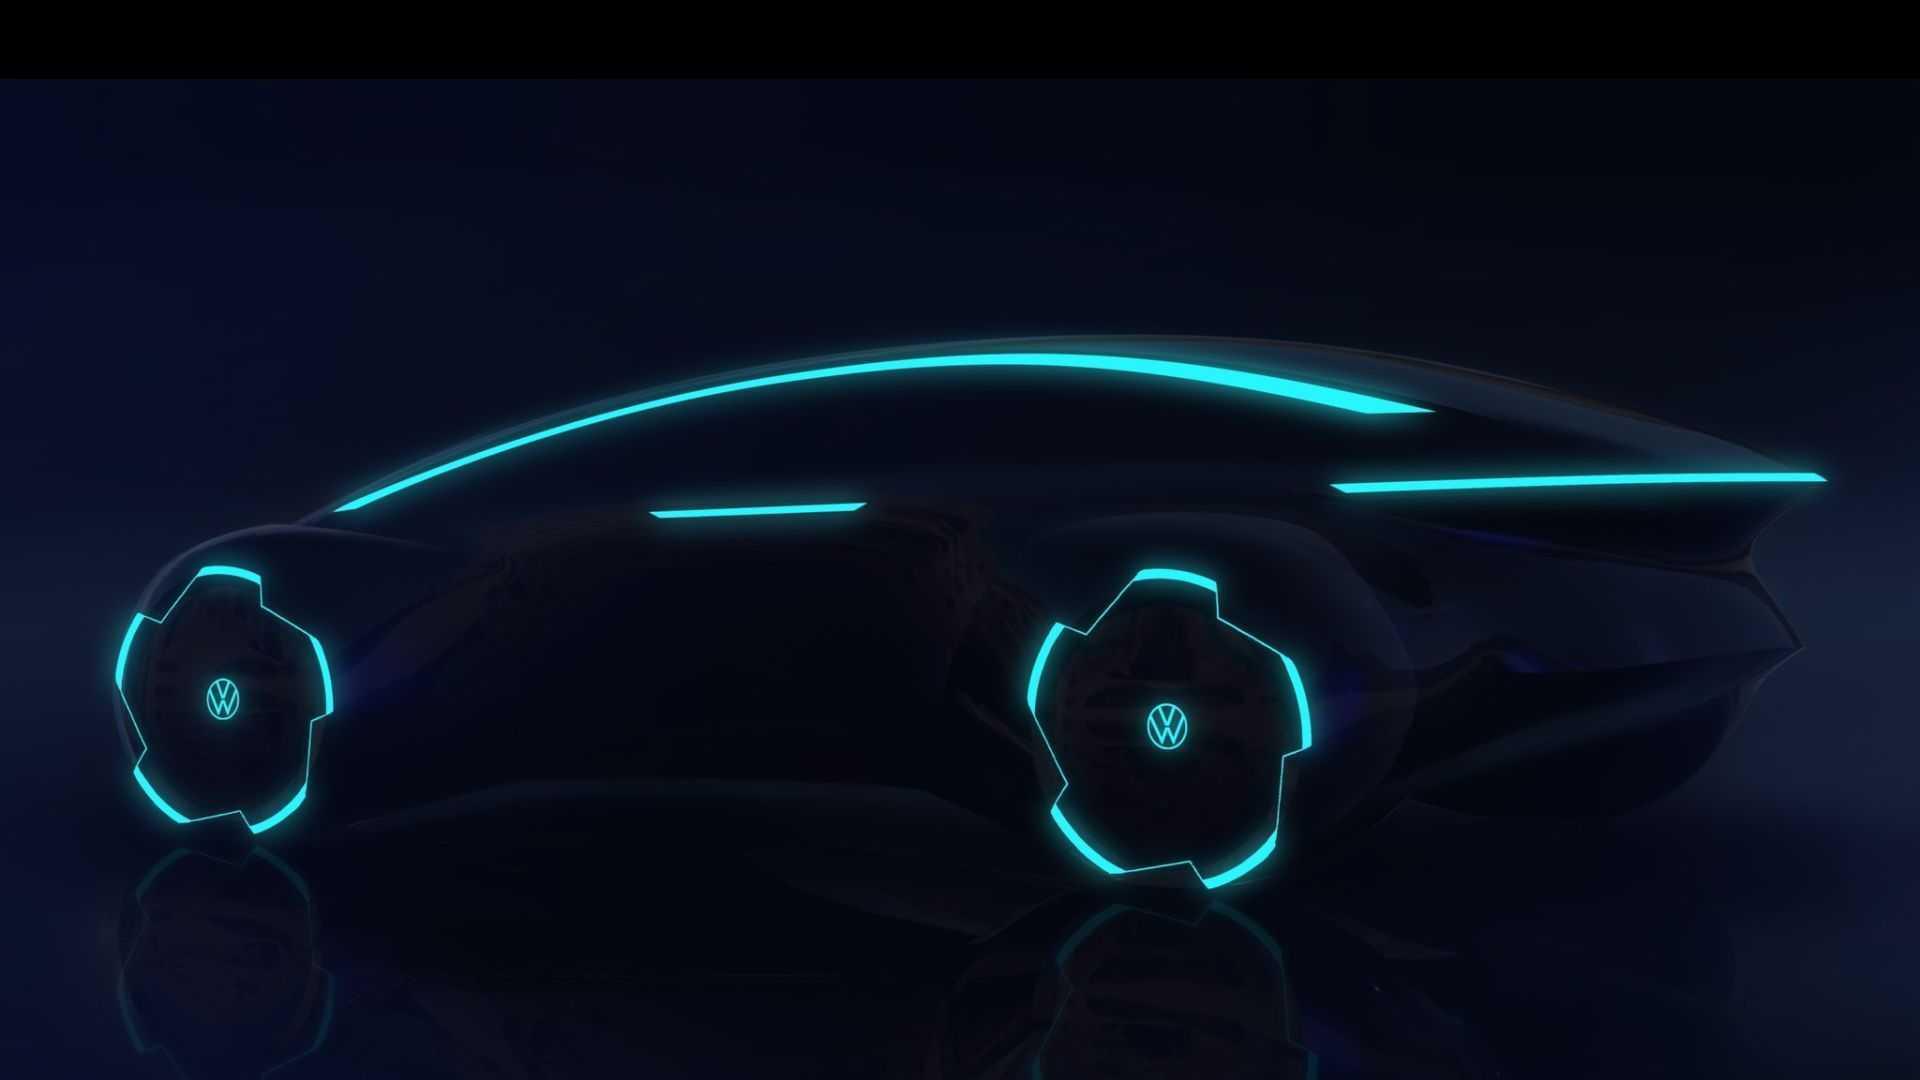 Технологический флагман Volkswagen получит новую платформу